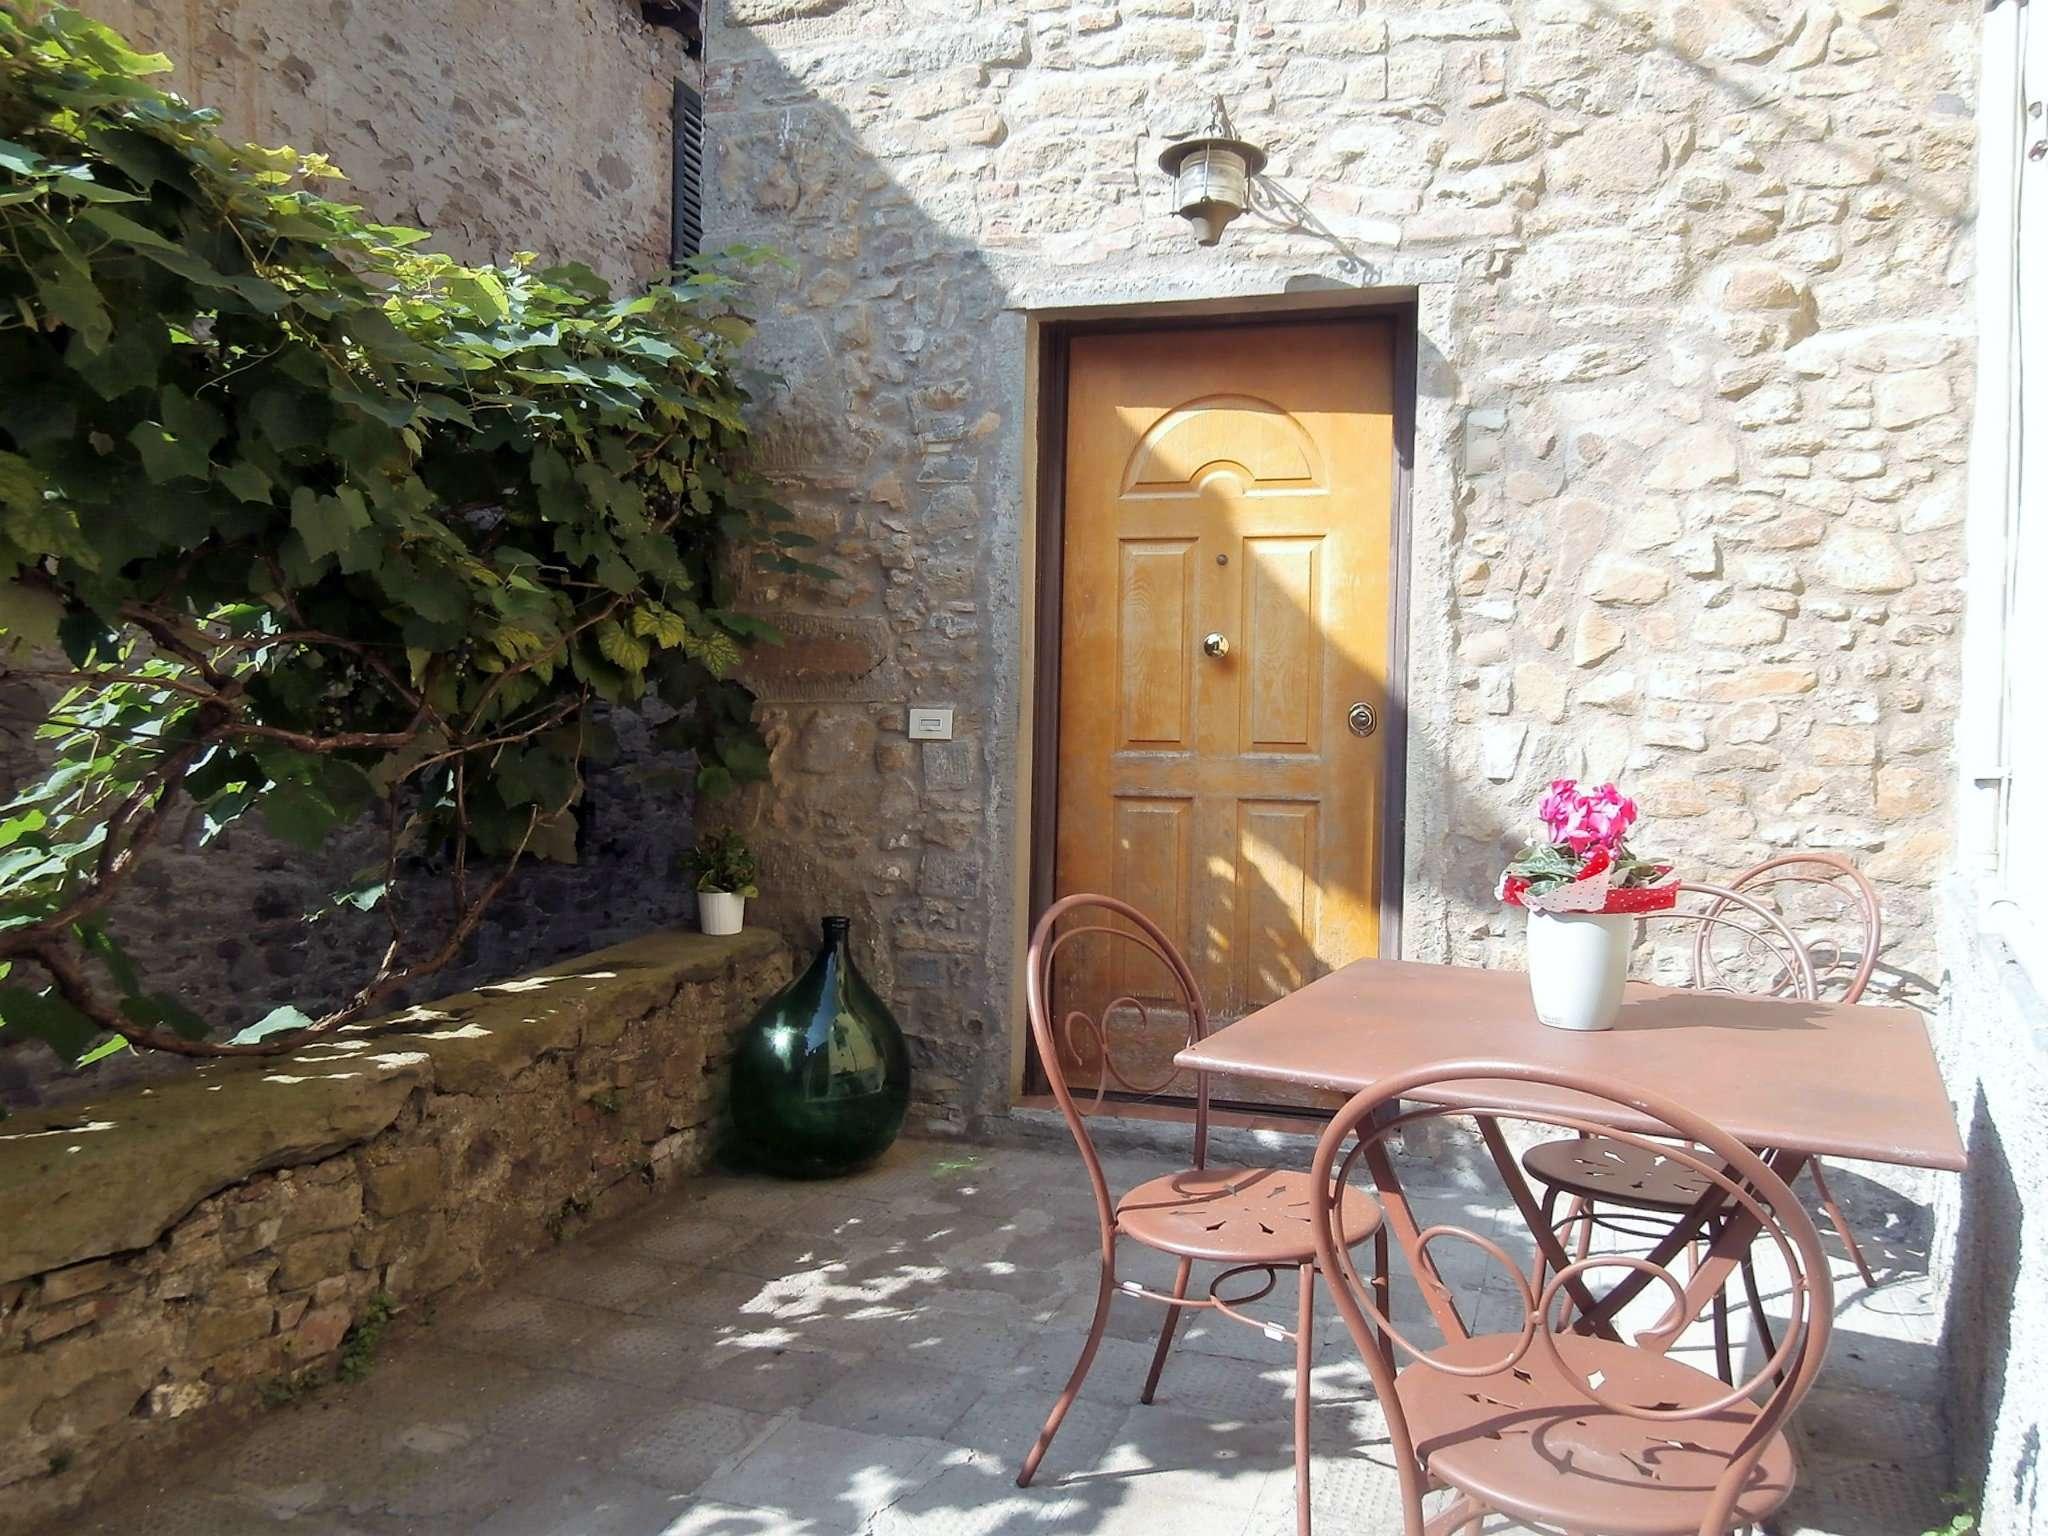 Palazzo / Stabile in vendita a Bagni di Lucca, 6 locali, prezzo € 130.000 | CambioCasa.it